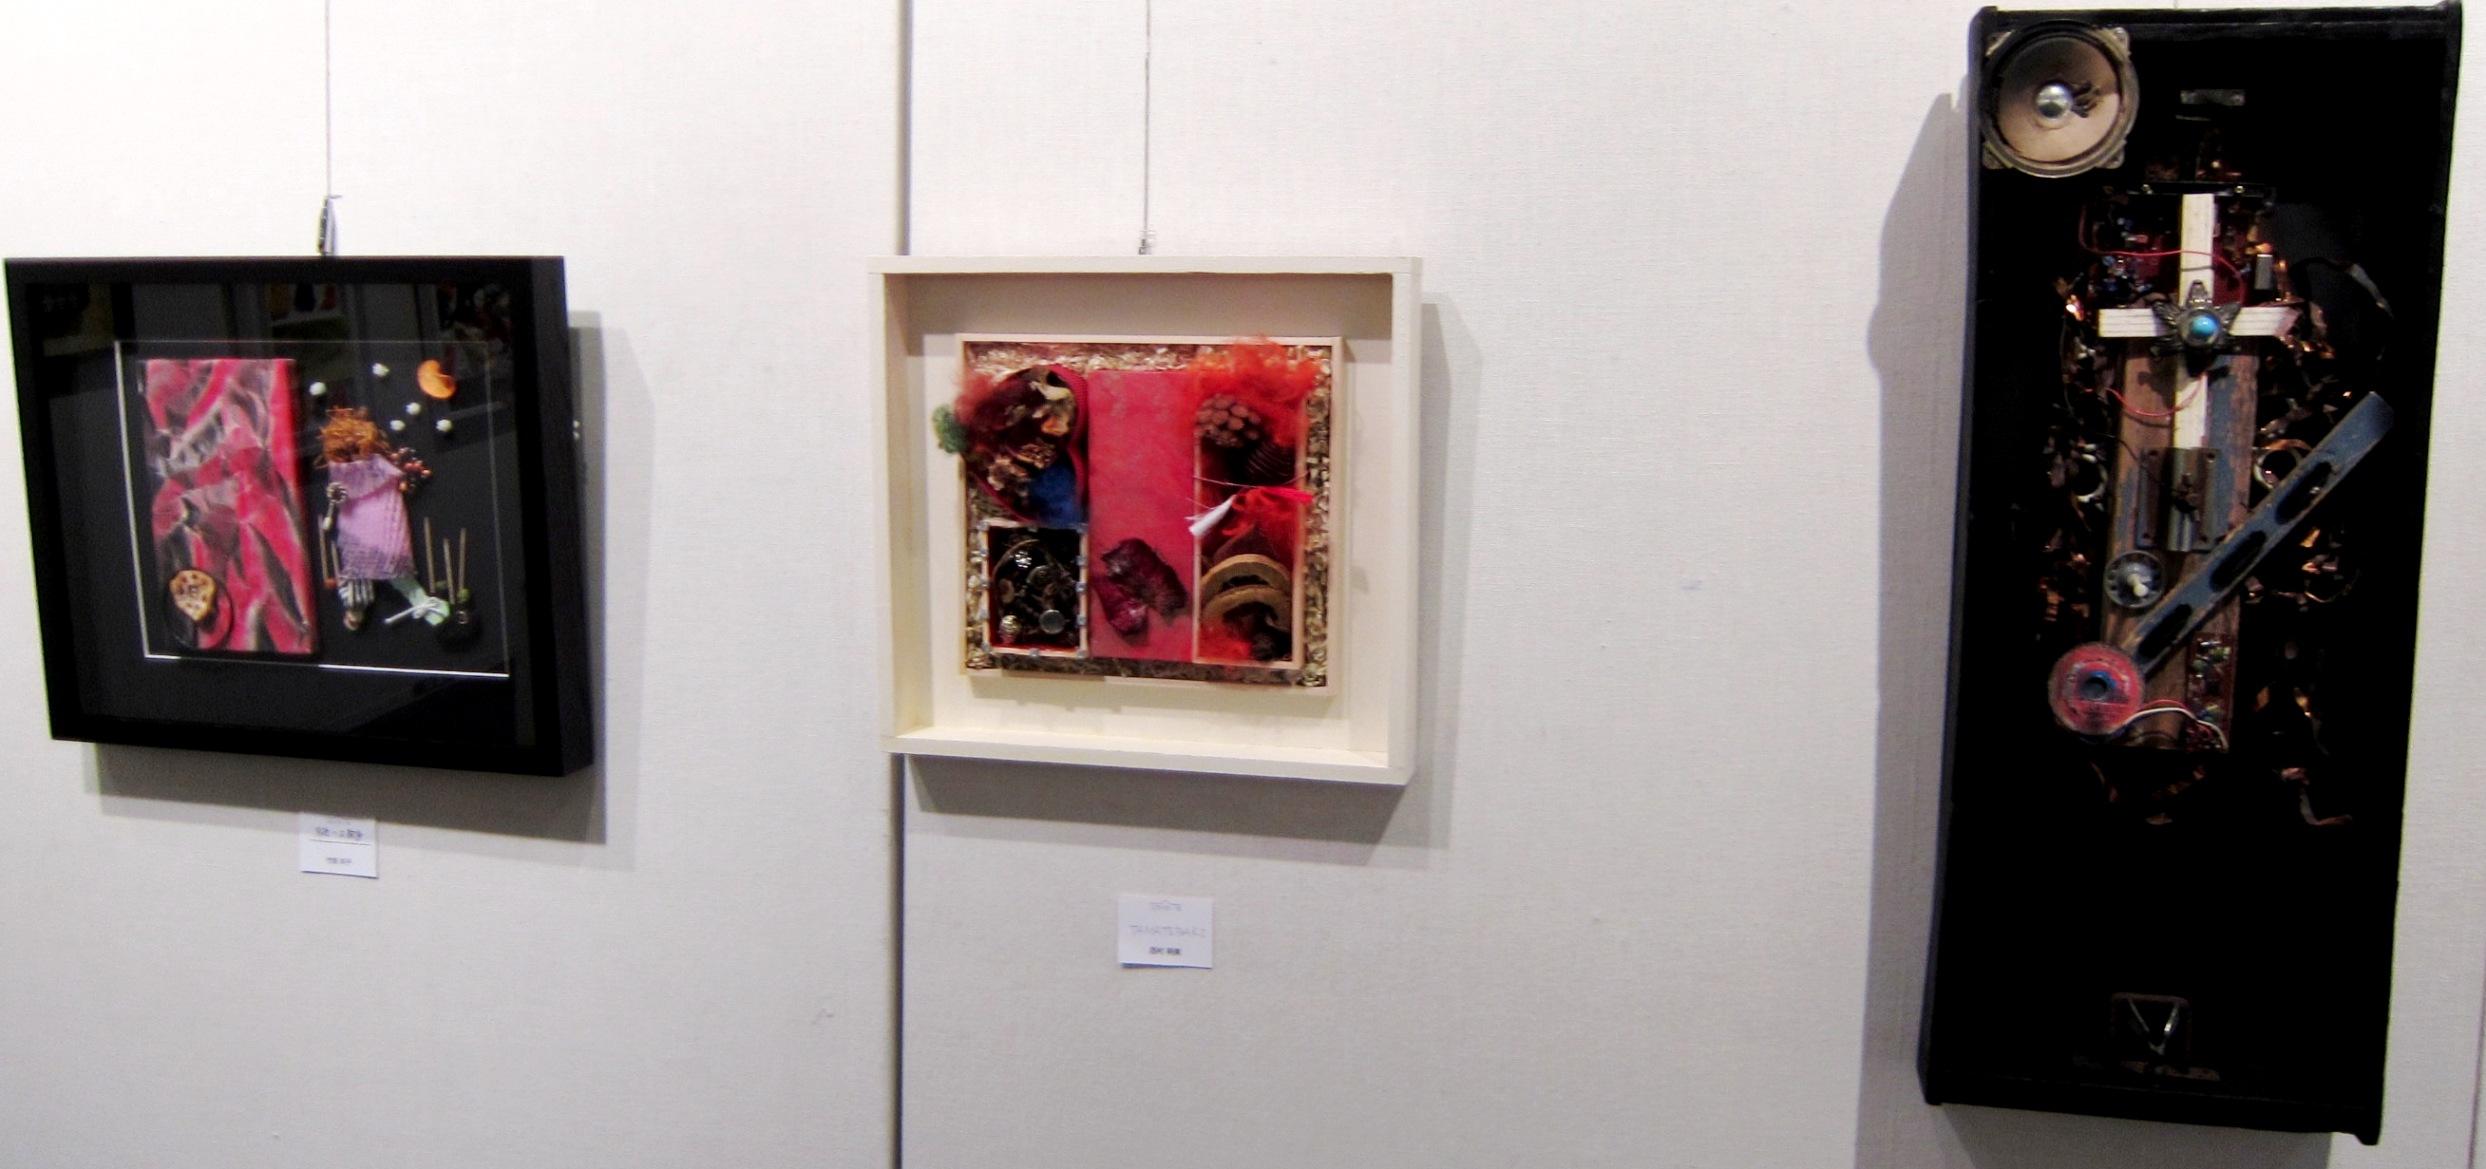 2156)「日本美術家連盟北海道地区 アーティストによる拡げる表現展」スカイ. 終了8月13日(火)~8月18日(日)_f0126829_1261618.jpg